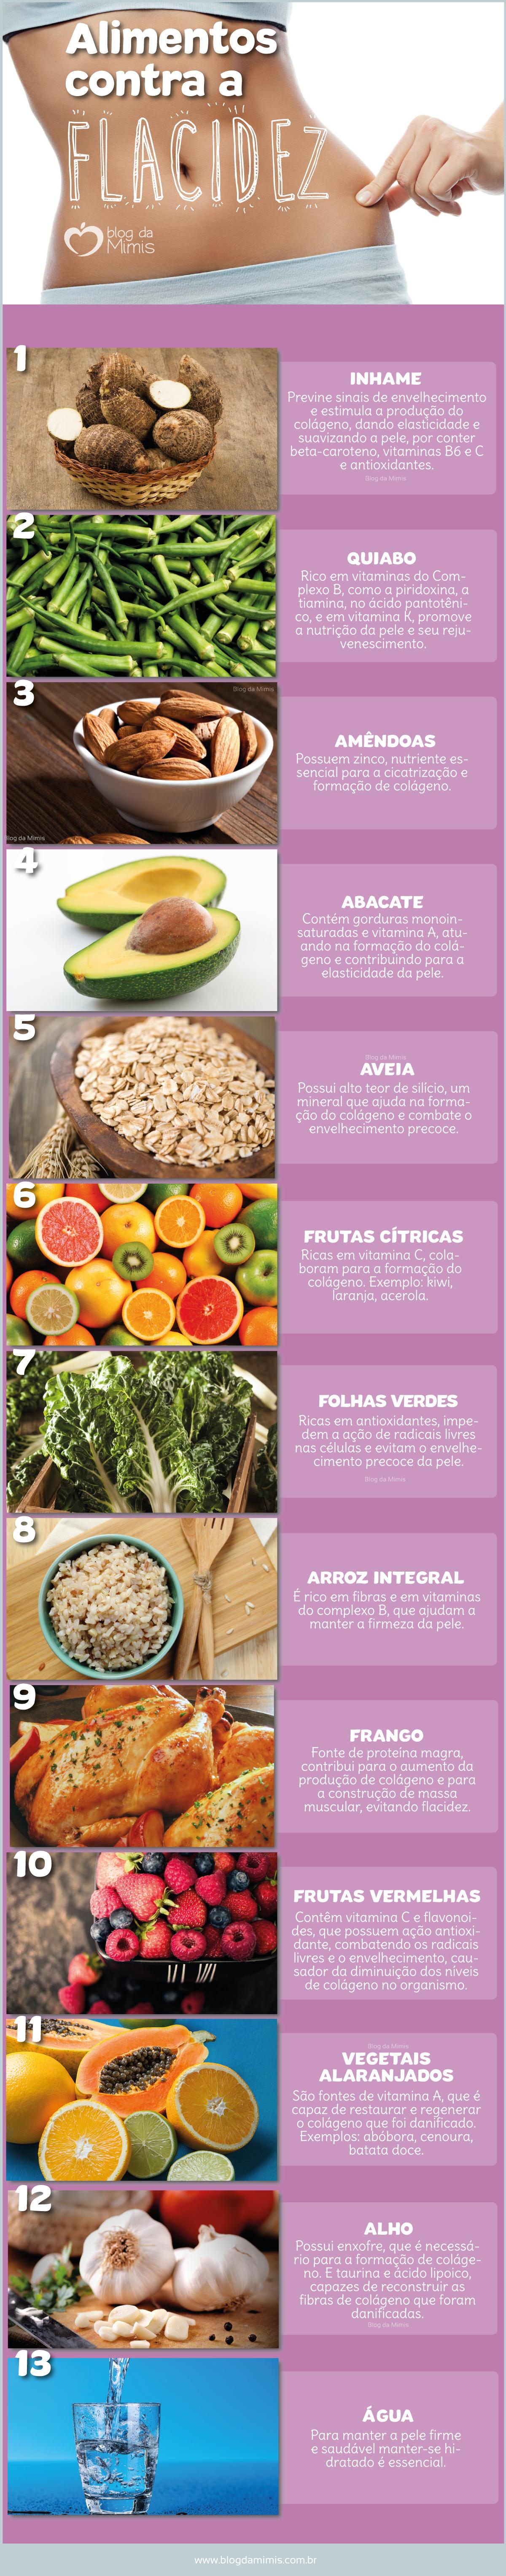 Alimentos Contra A Flacidez Blog Da Mimis Flacidez Alimentos Alimentacao Dieta Saudavel Beleza Colageno Pele Dicas De Nutricao Alimentos Alimentacao